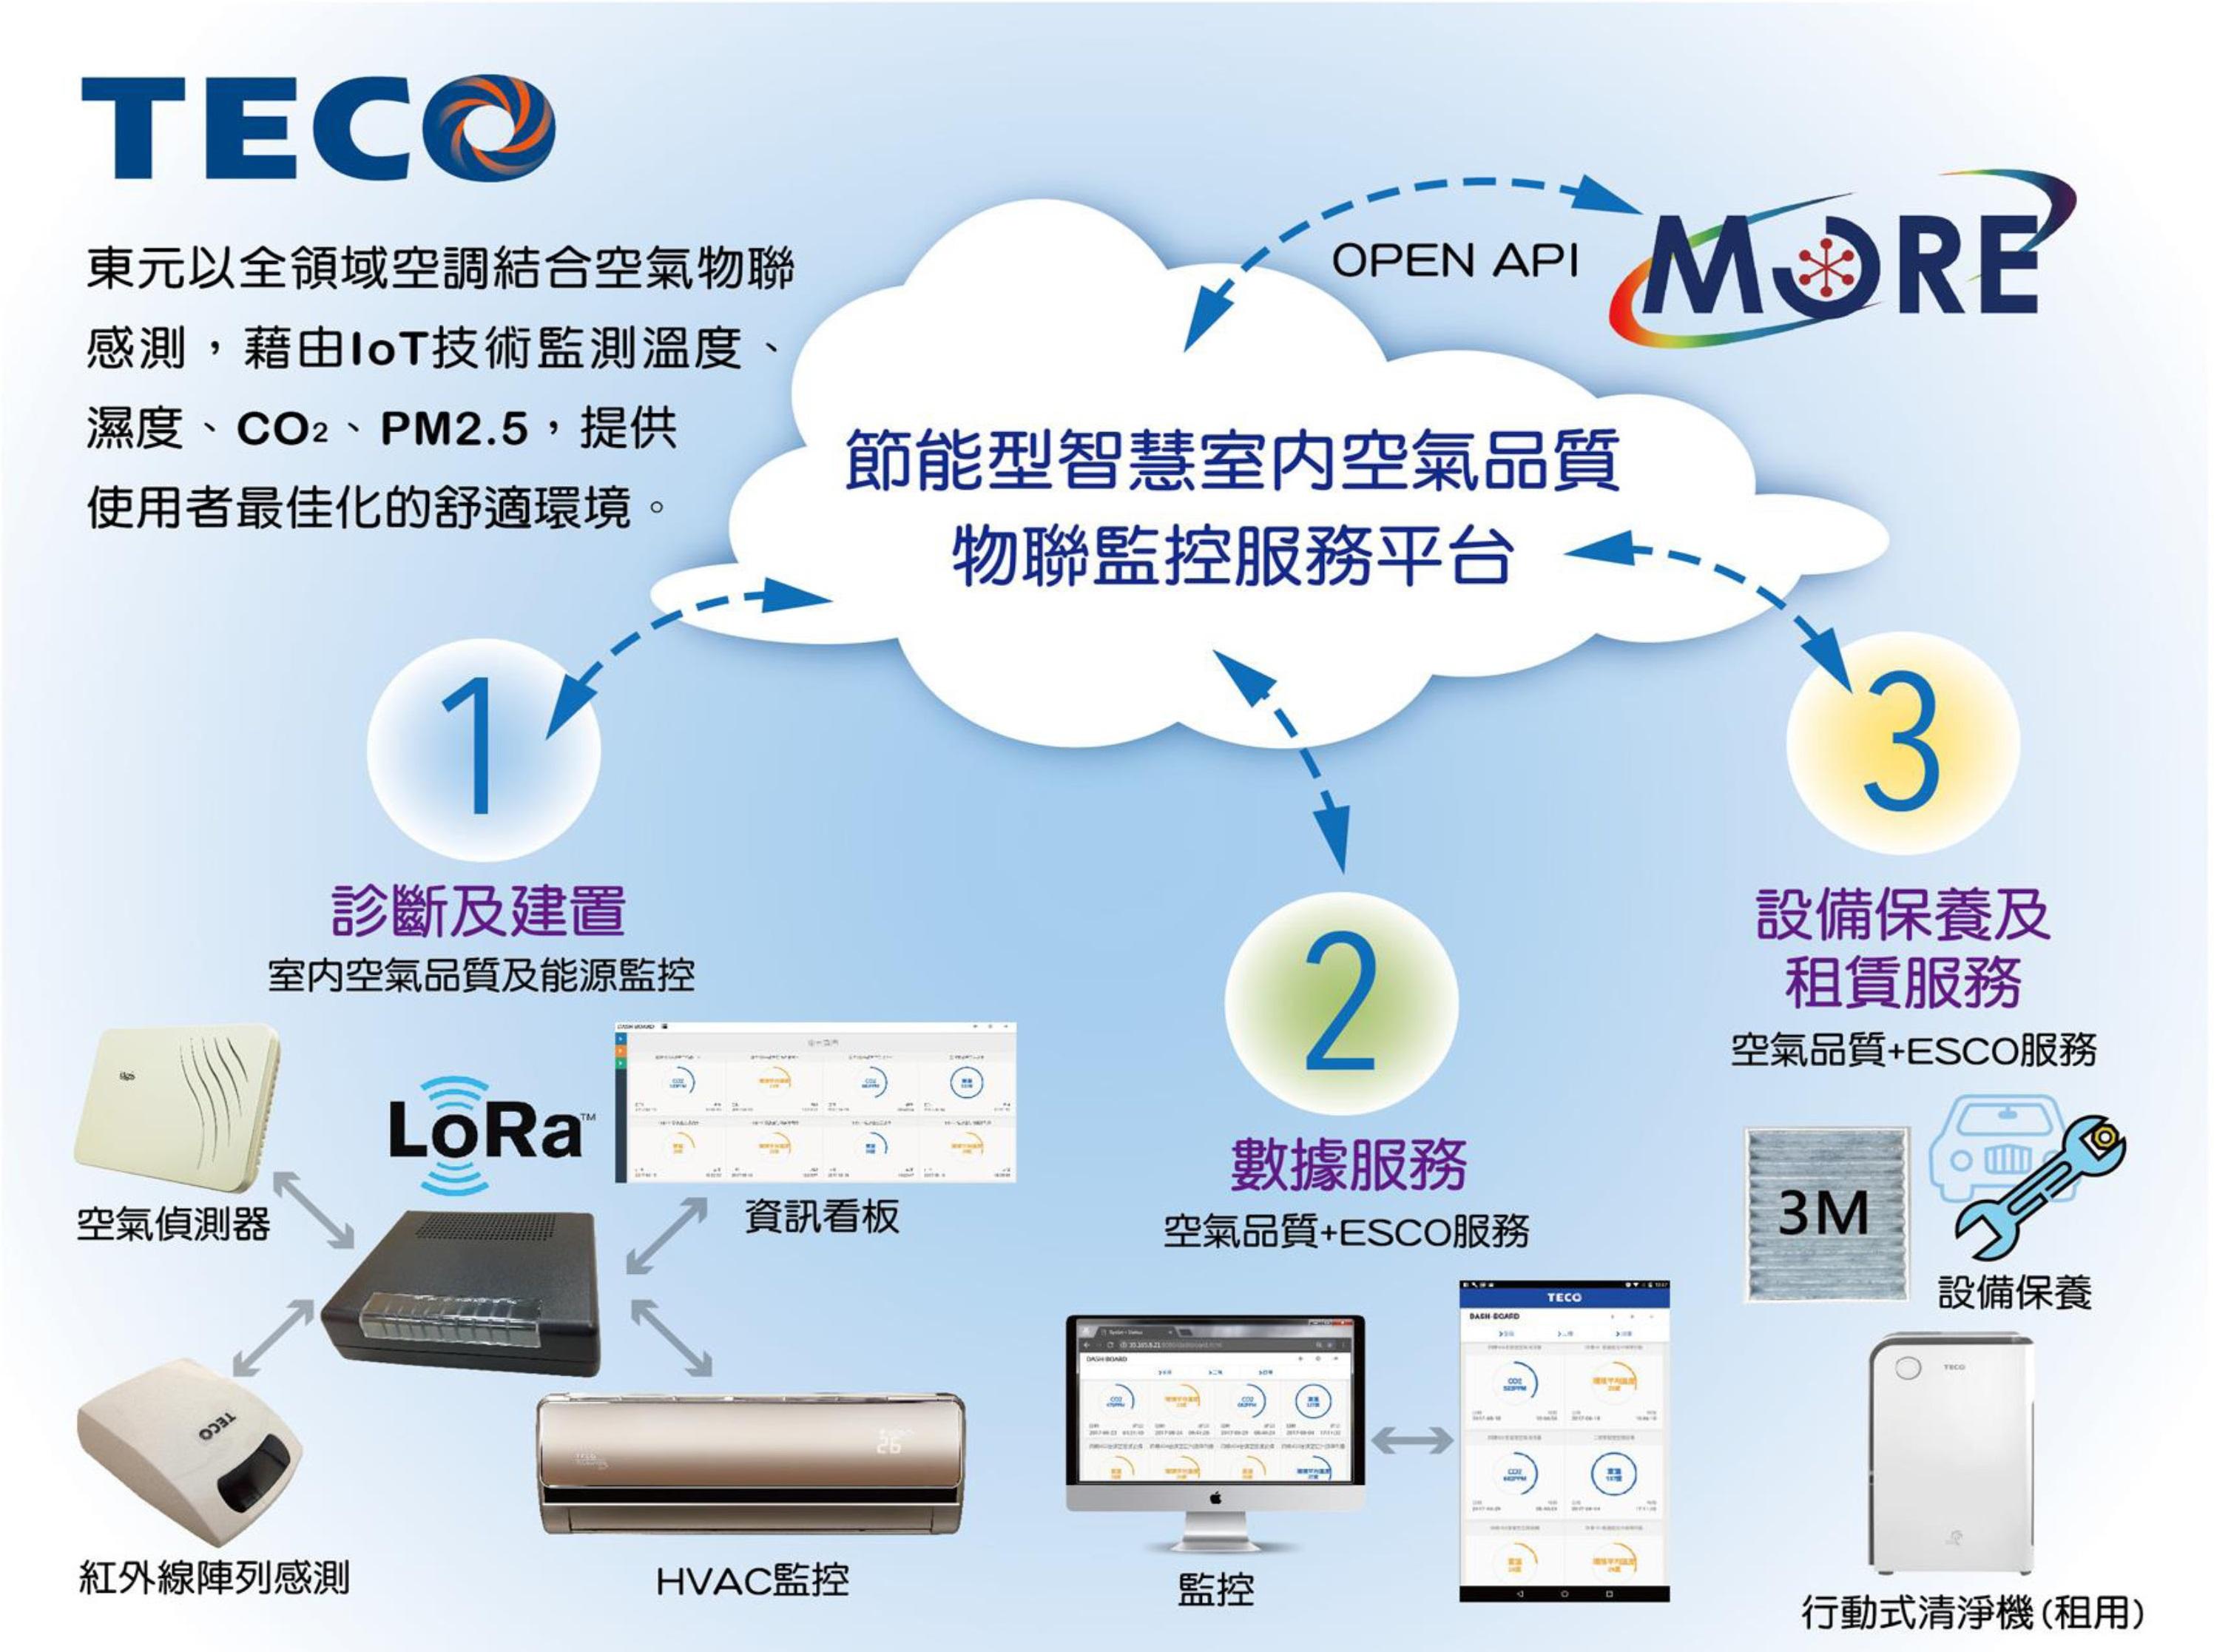 智能型醫療院所空氣品質與空調能源管理系統 / 東元電機股份有限公司